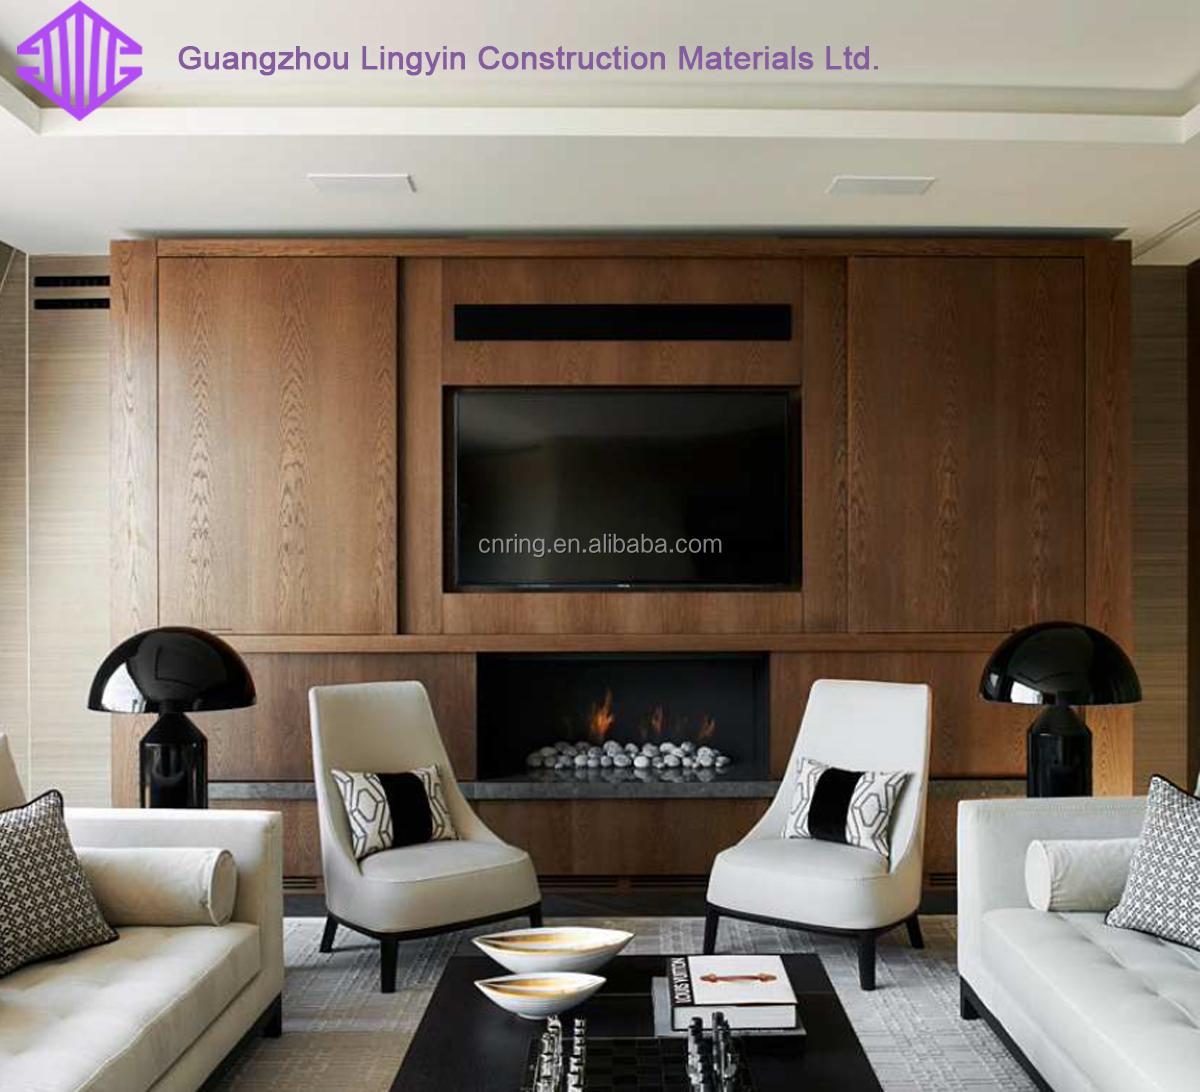 Meuble Tv Living Salon meuble tv en contreplaqué dans le salon offre spéciale meuble de mode  meuble moderne personnalité et pratique - buy design de meuble tv de